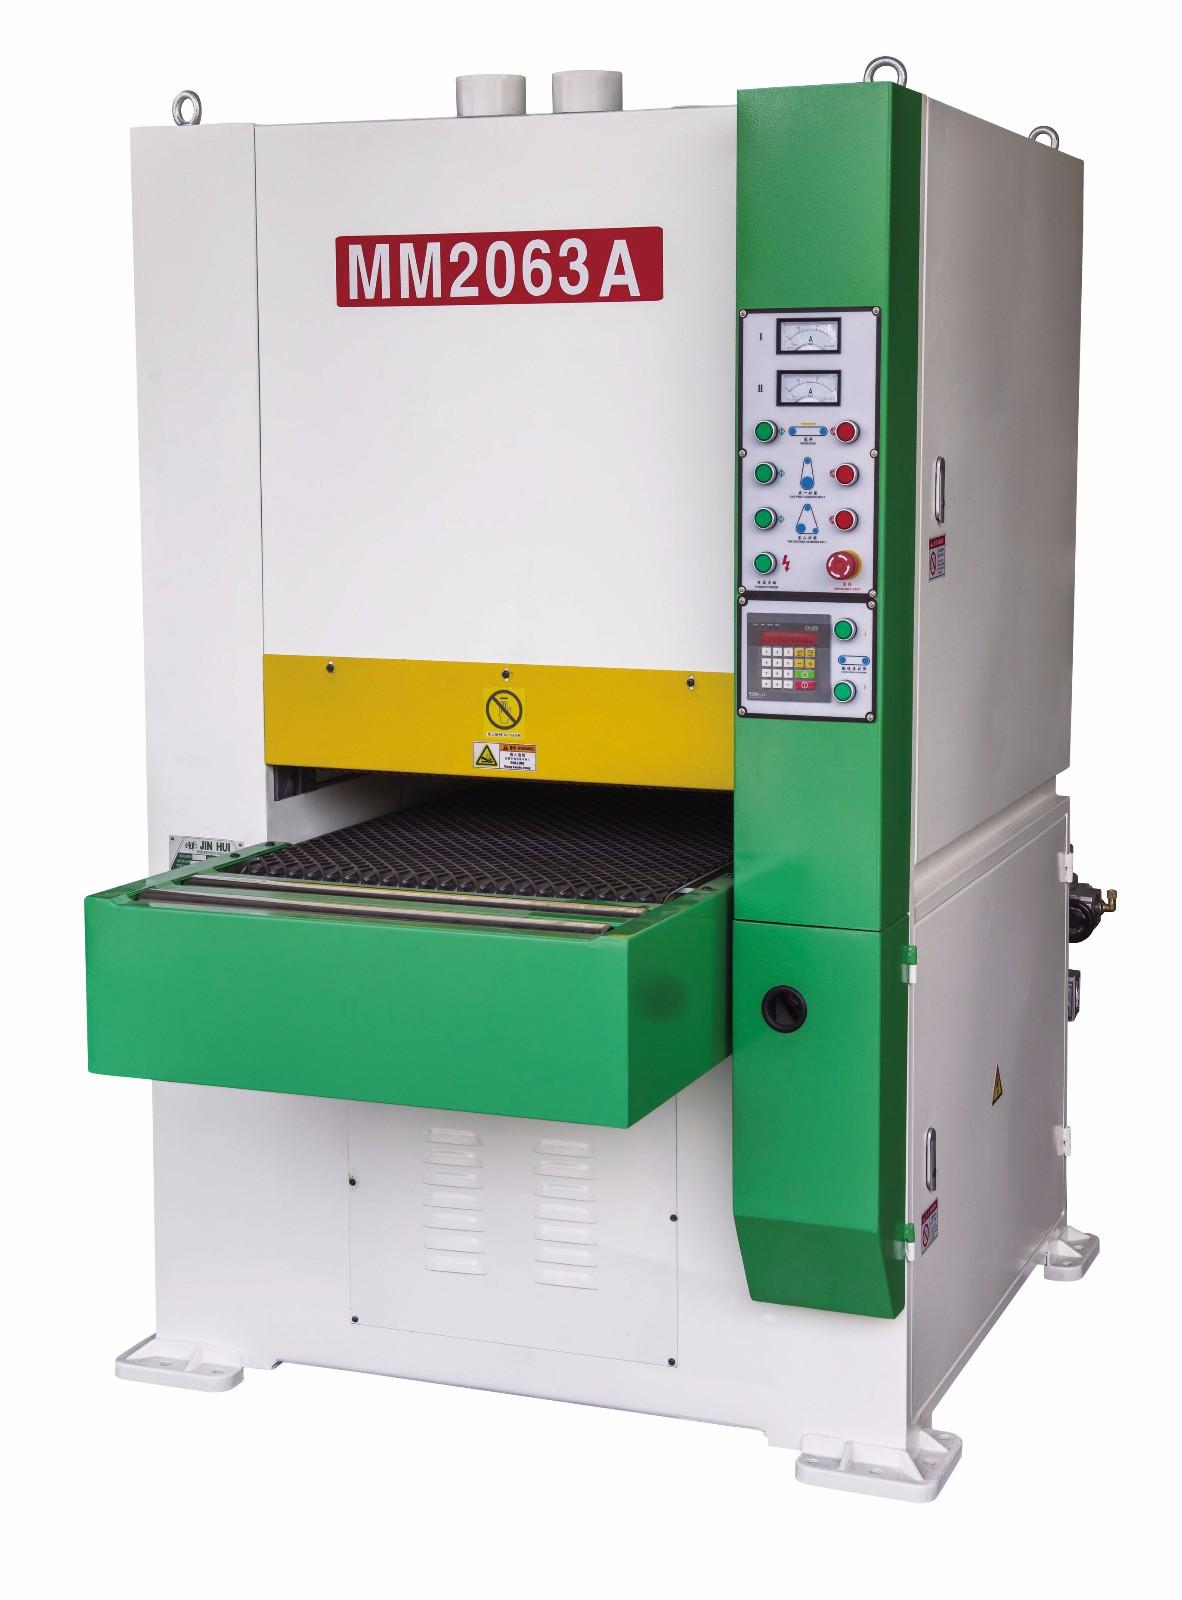 MM2063A宽带砂光机 副本.jpg